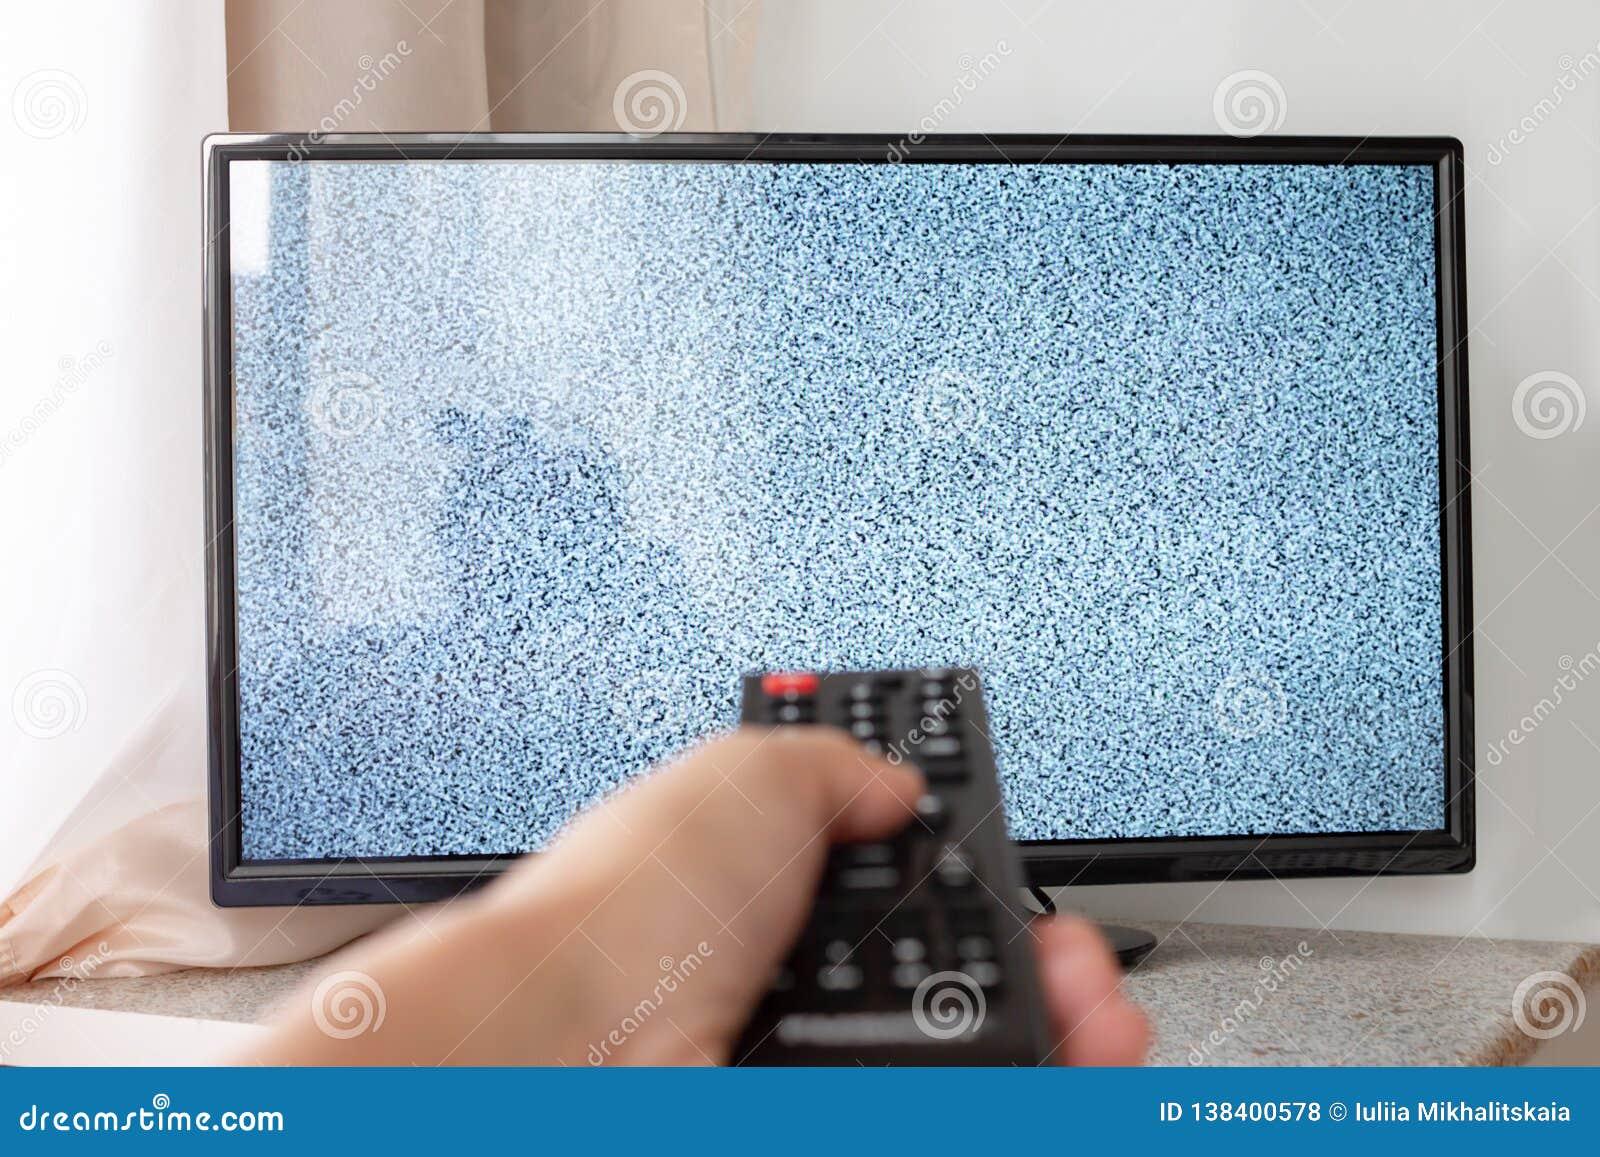 有电视的手遥控在有空白噪声的屏幕前面对此-调整电视频道和连接问题